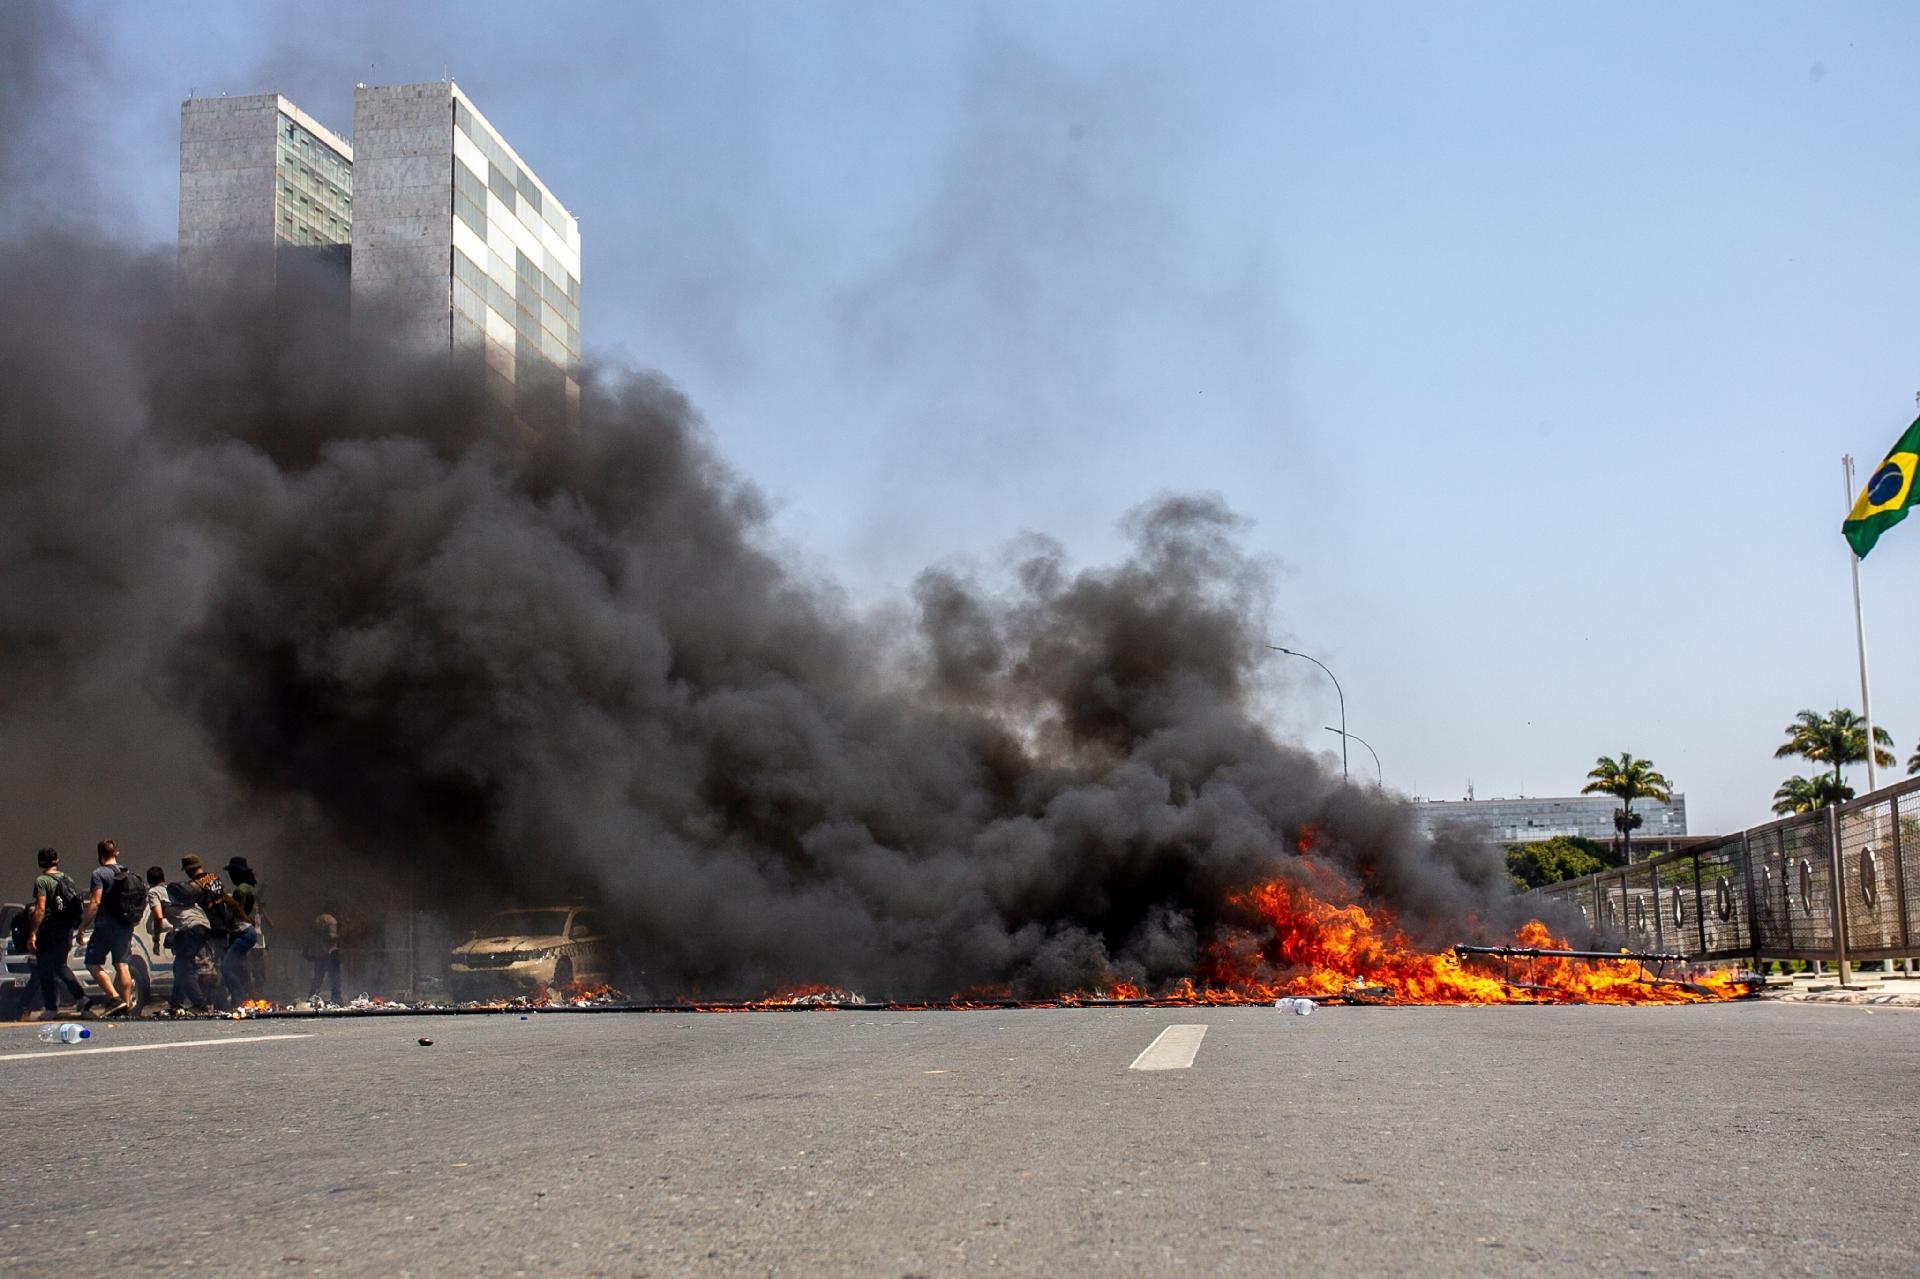 Caixão queimado gera fumaça preta em frente ao Palácio do Planalto, em Brasília - Antonio Molina/Fotoarena/Estadão Conteúdo